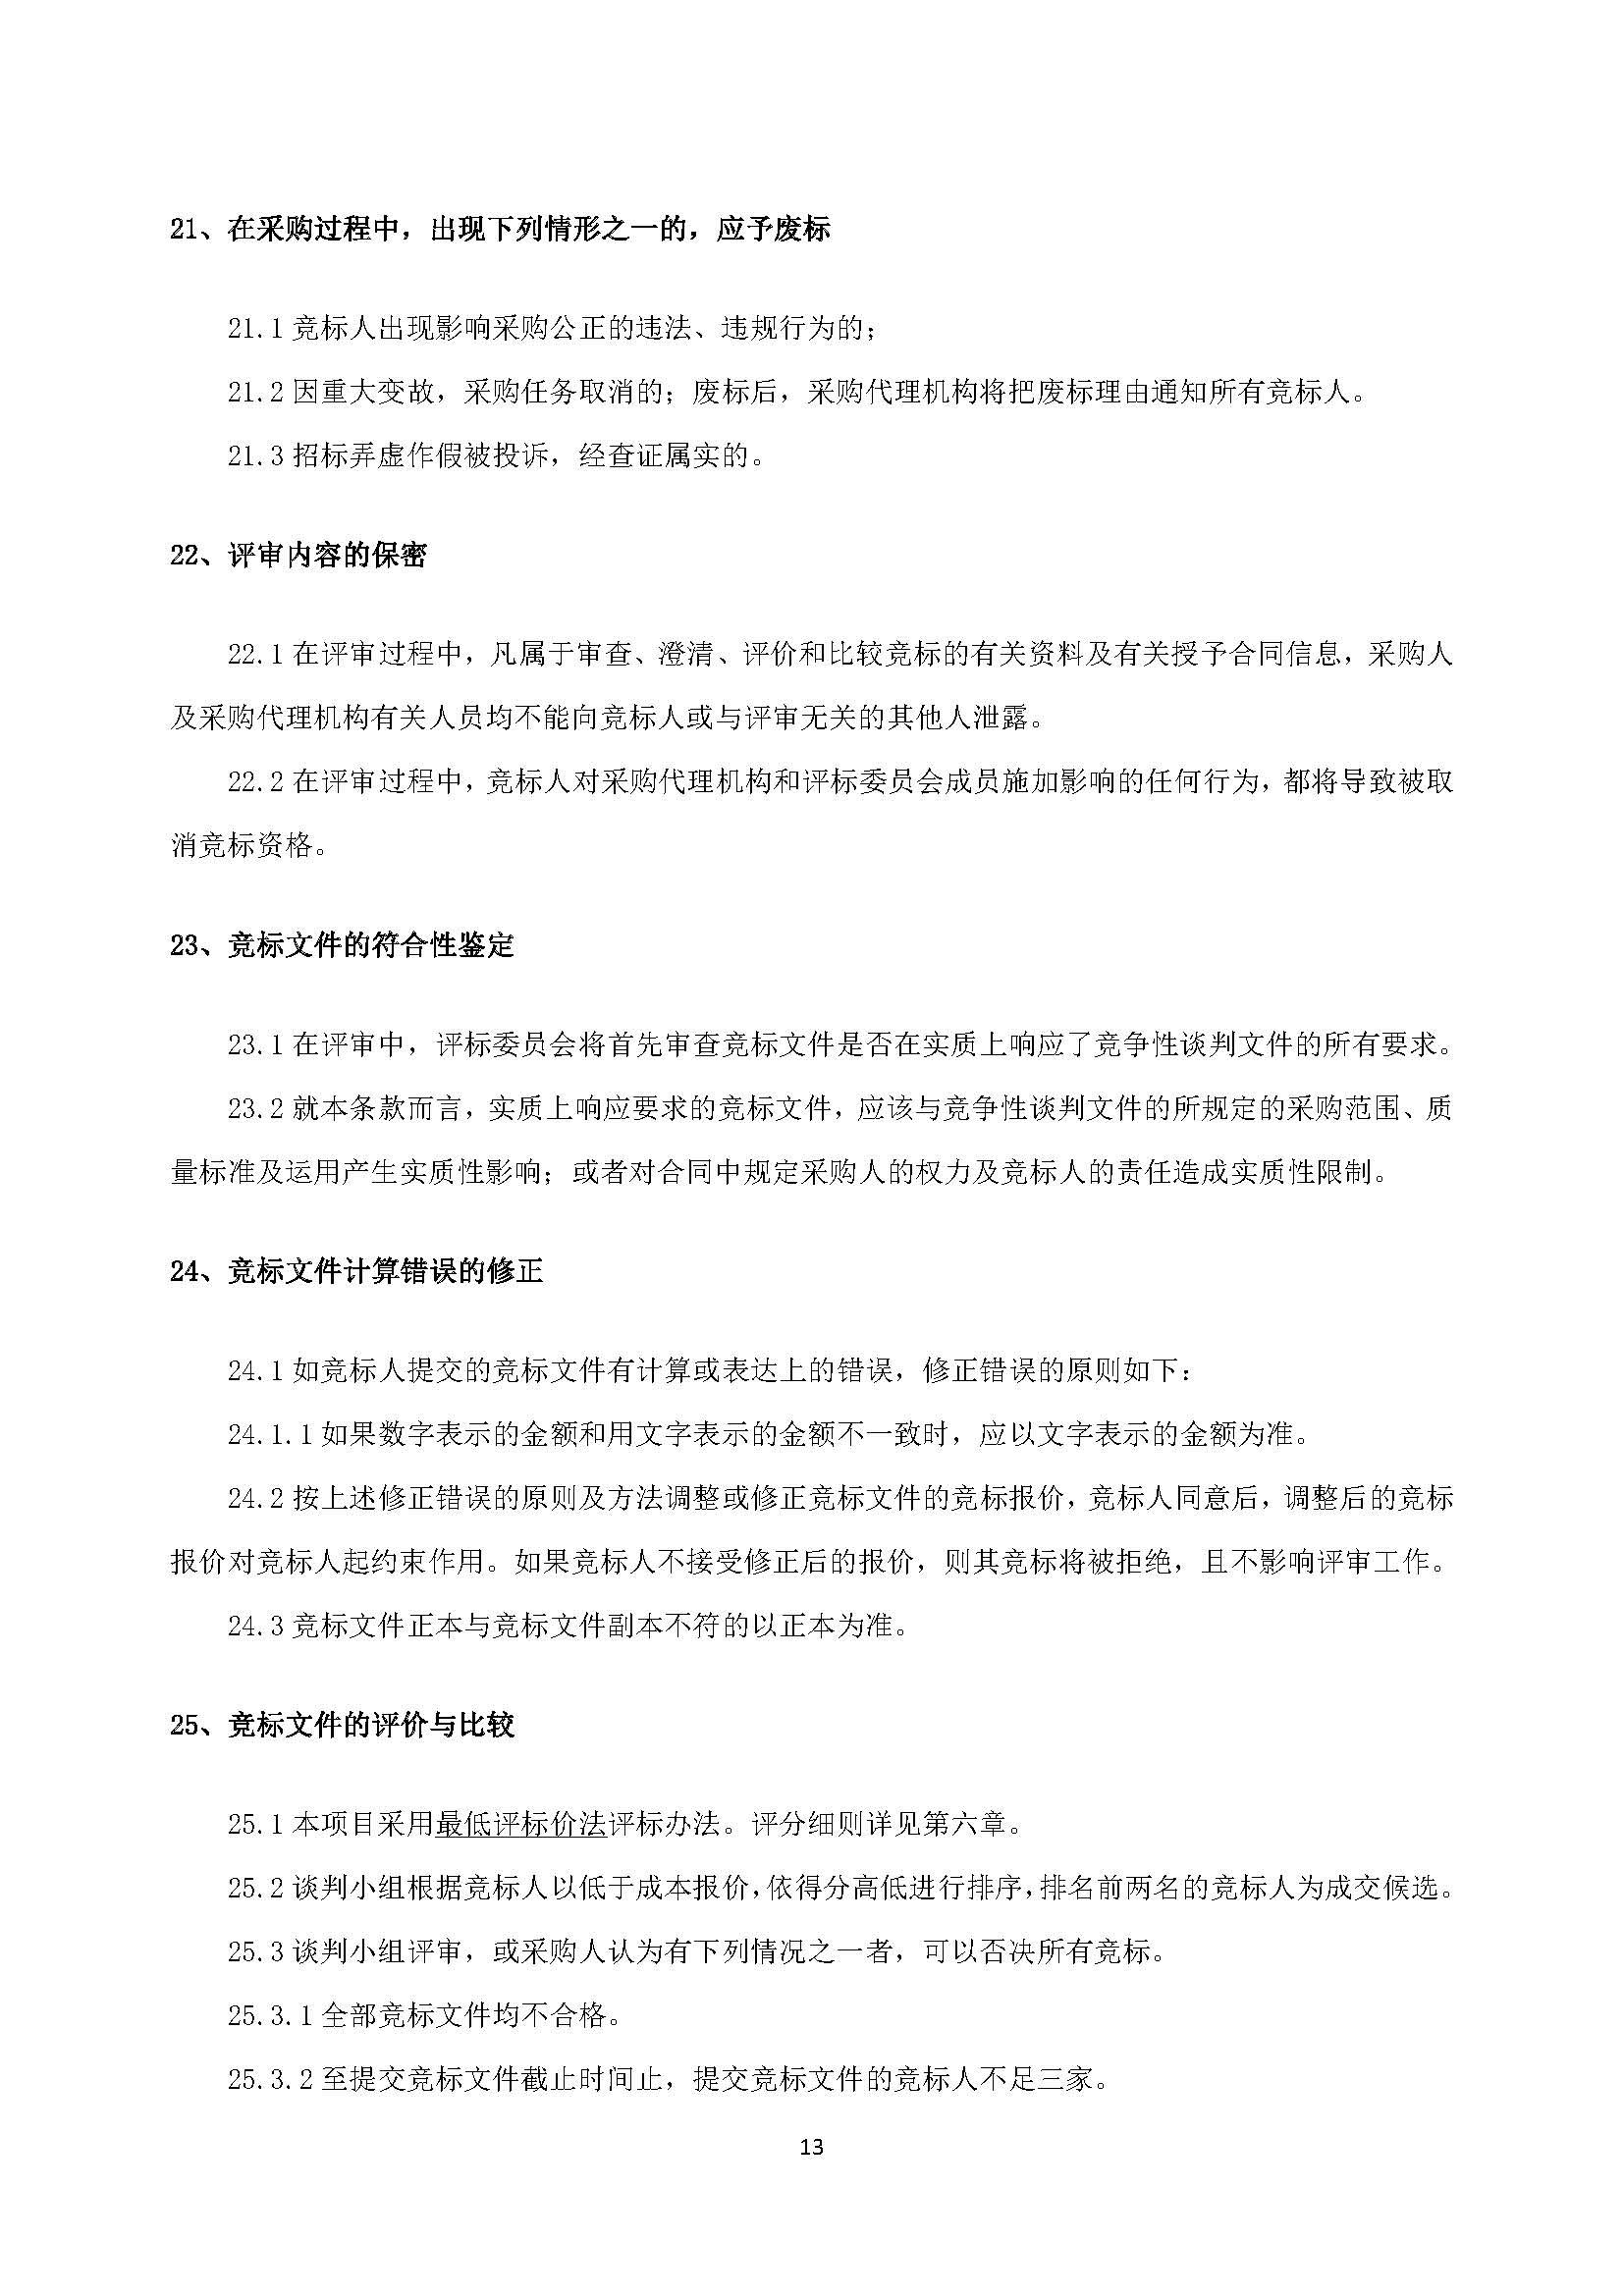 (确定)安徽快三基本走势图市政环卫园林绿化企业一体化面积测绘服务采购 竞争性谈判采购文件20200610(2)_页面_17.jpg